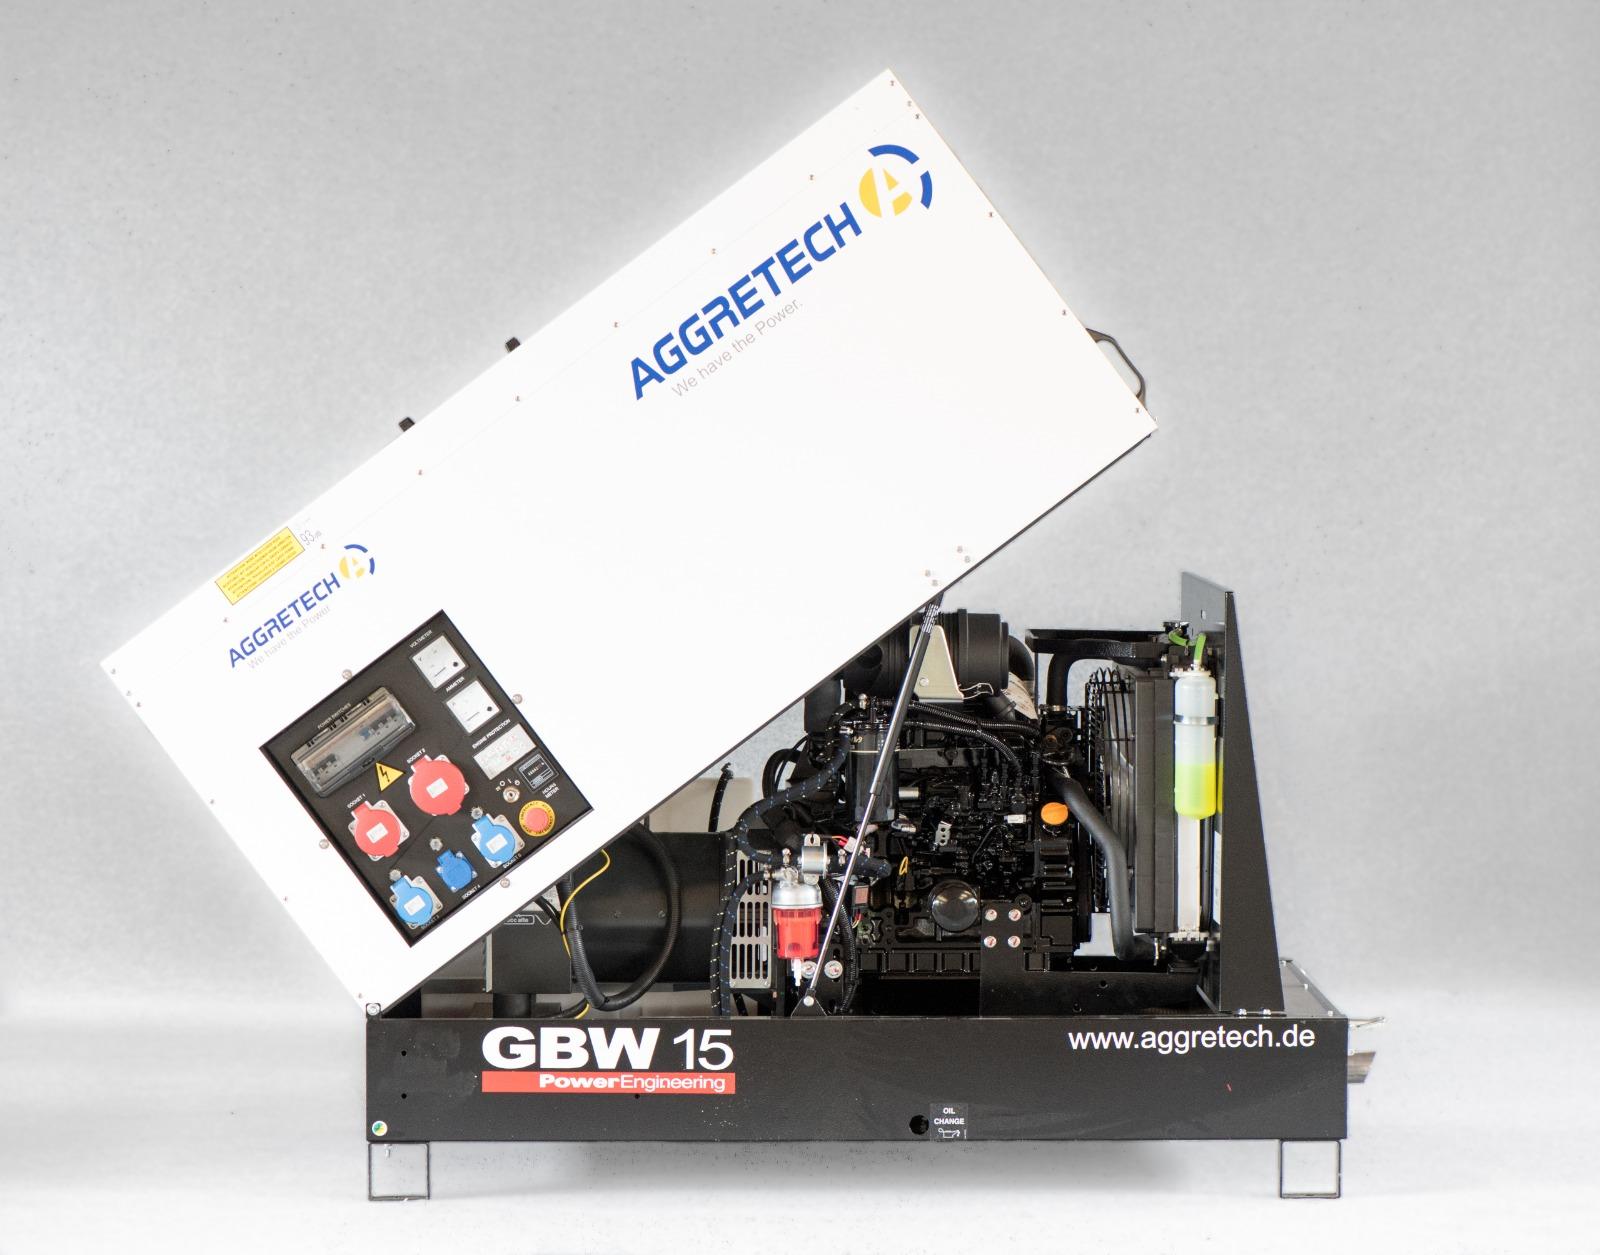 Notstromaggregat GBW 15 von Aggretech